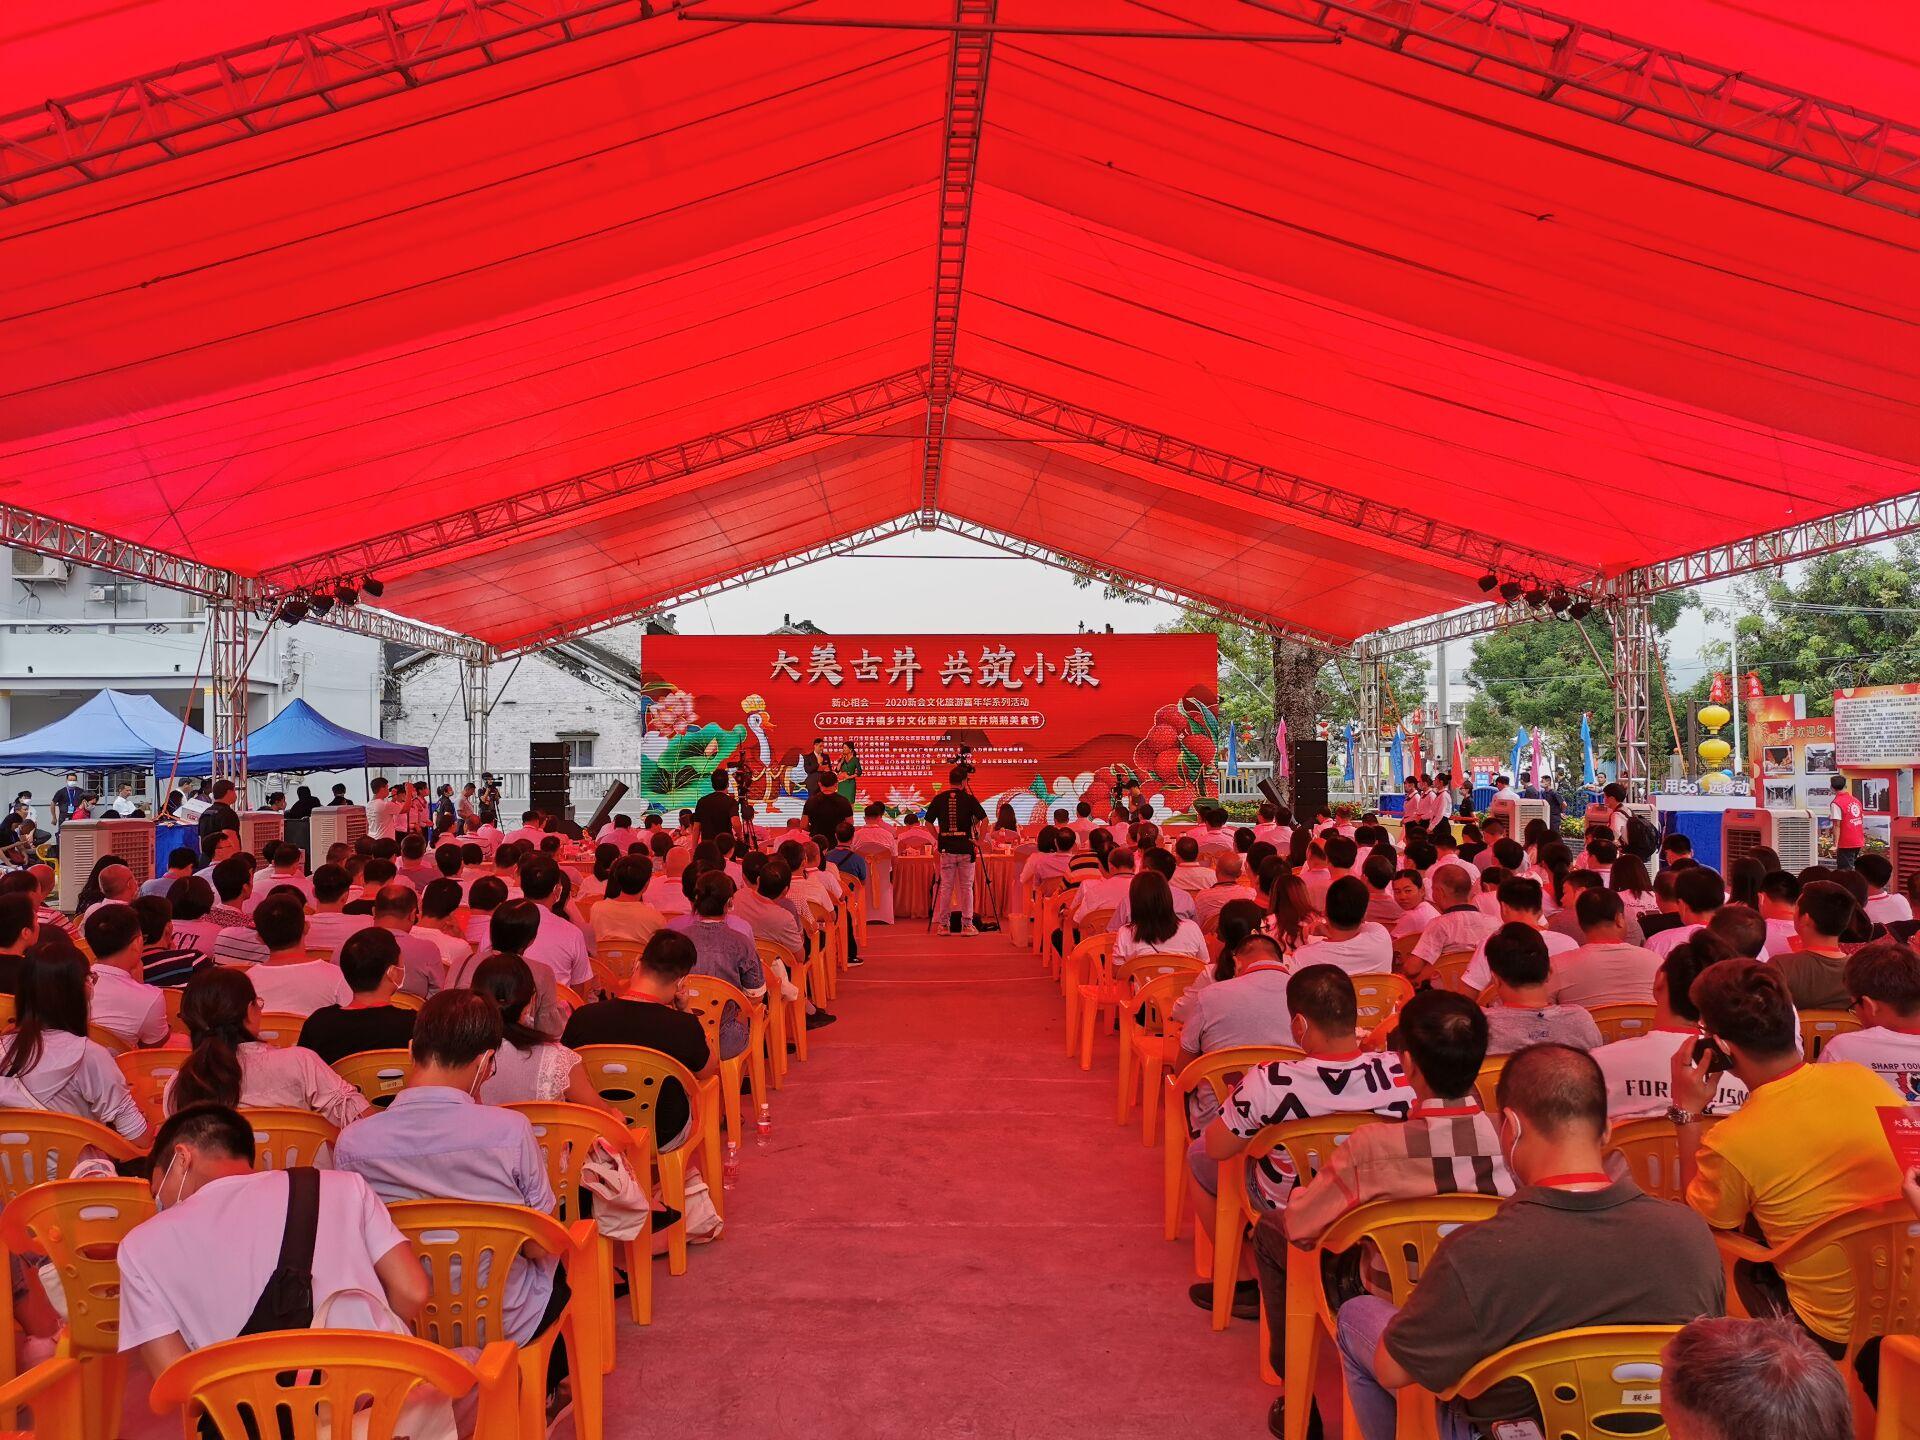 2020年古井镇乡村文化旅游节暨古井烧鹅美食节今天开幕